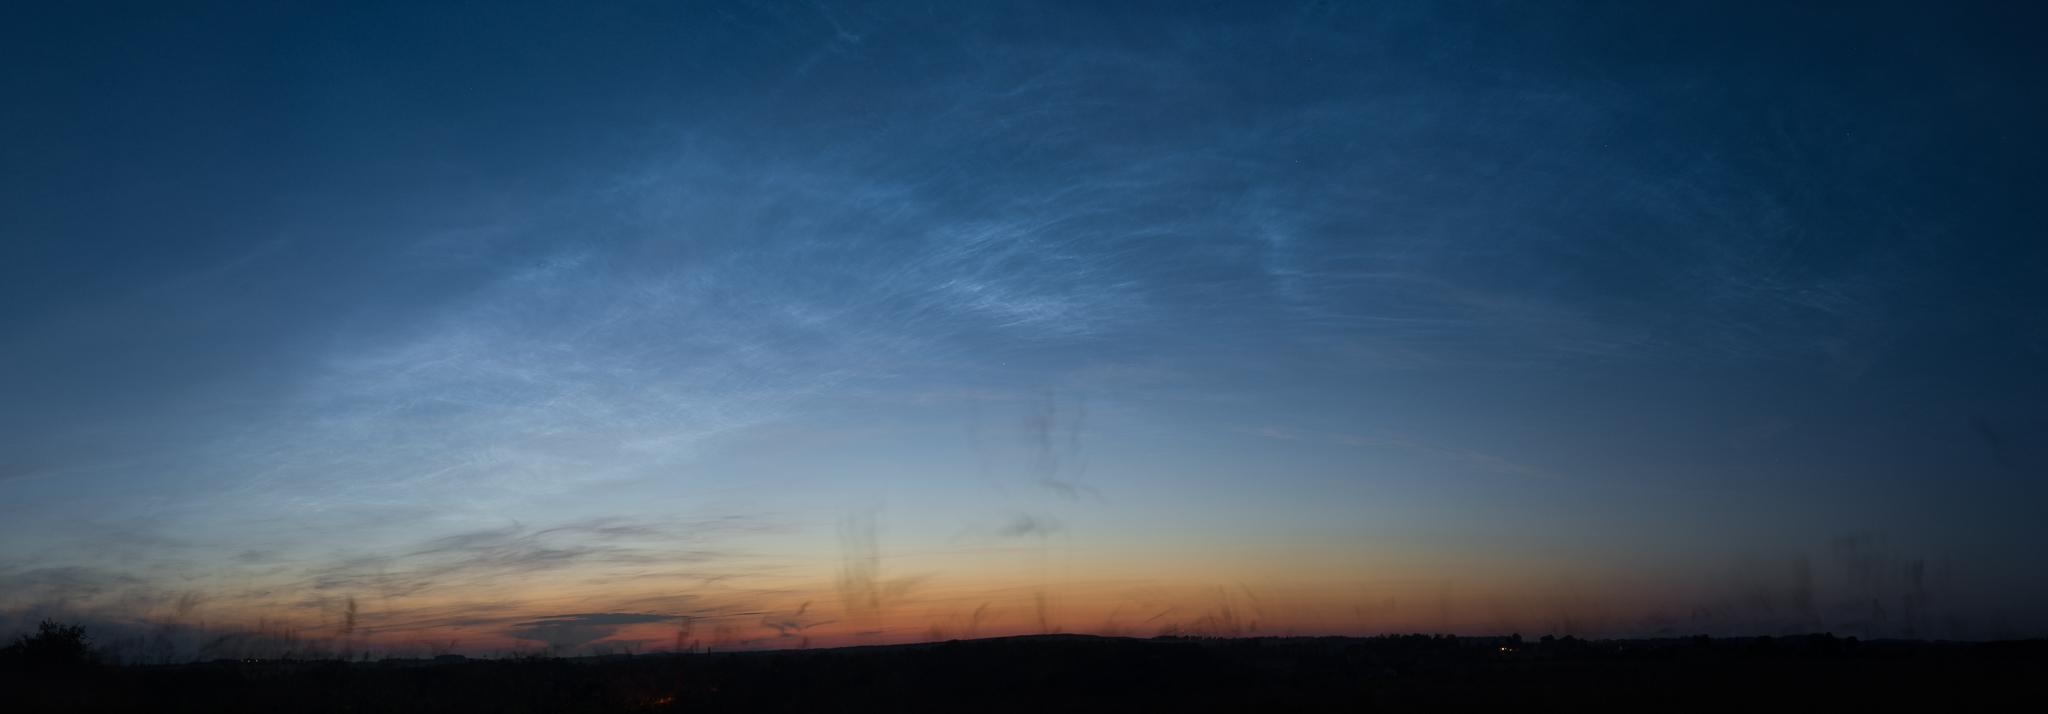 dsc7744-panorama.jpg